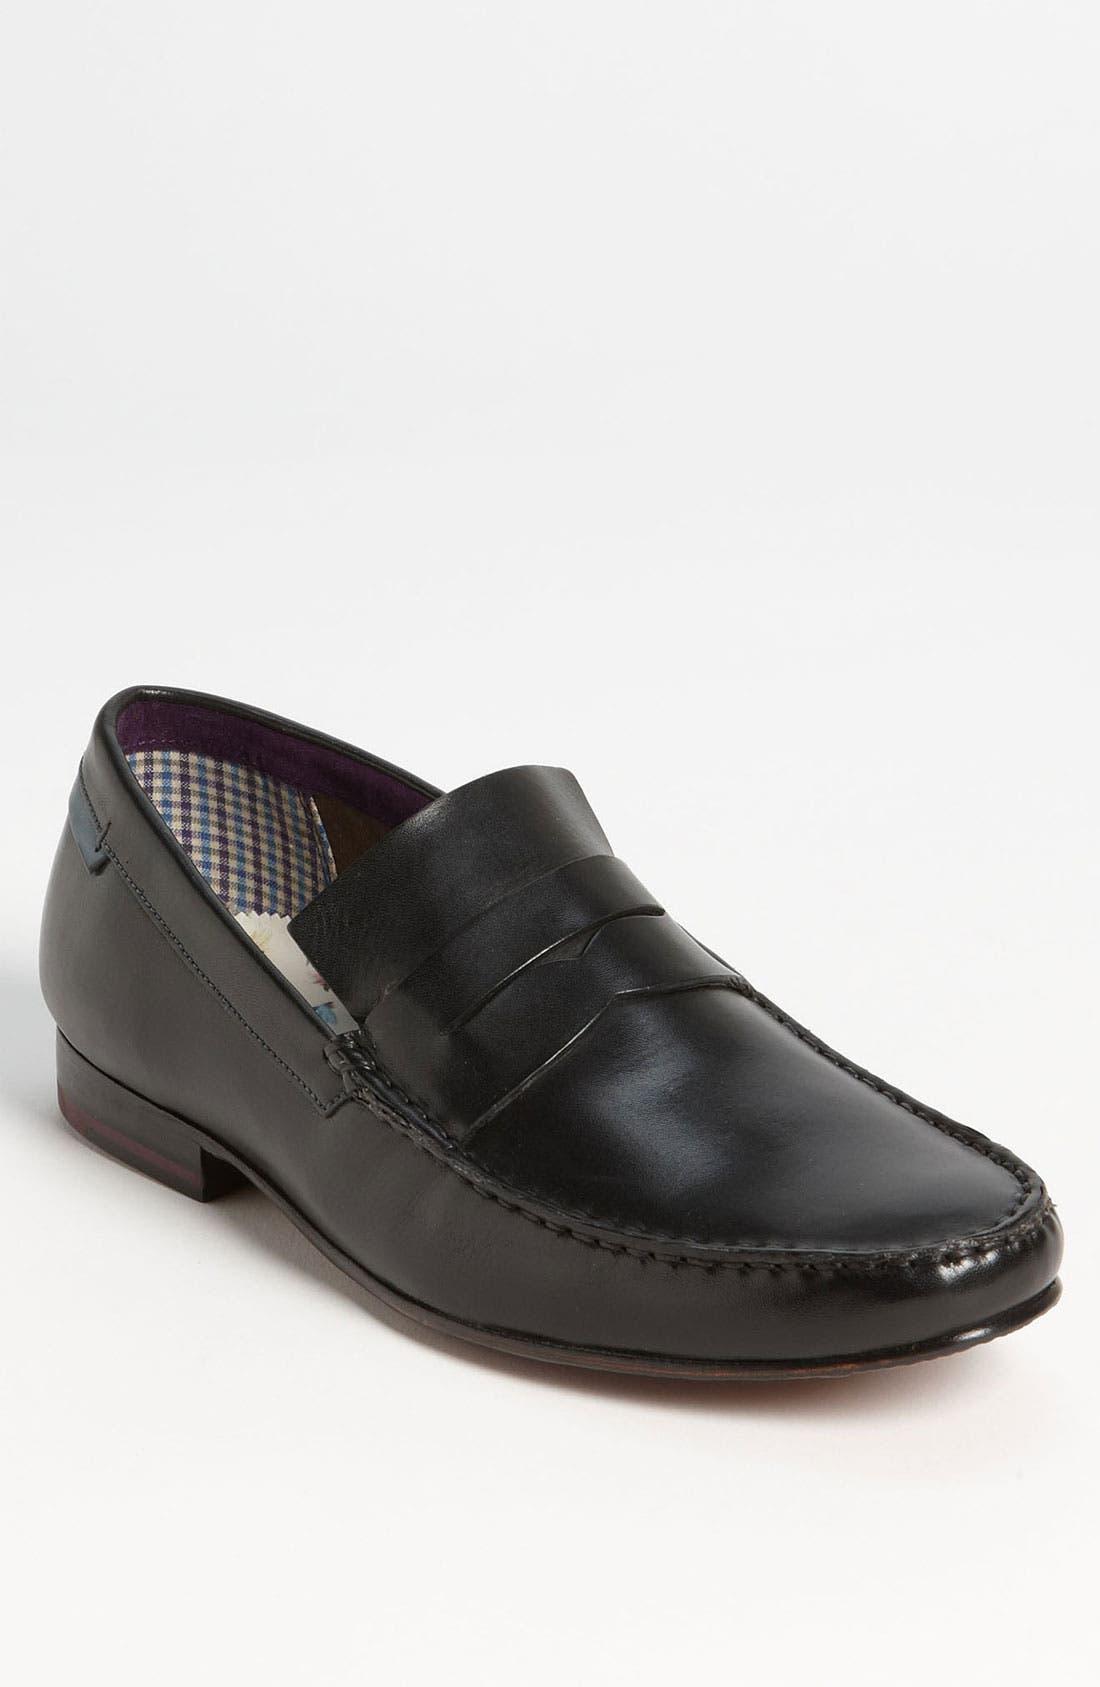 Alternate Image 1 Selected - Ted Baker London 'Vitric 3' Loafer